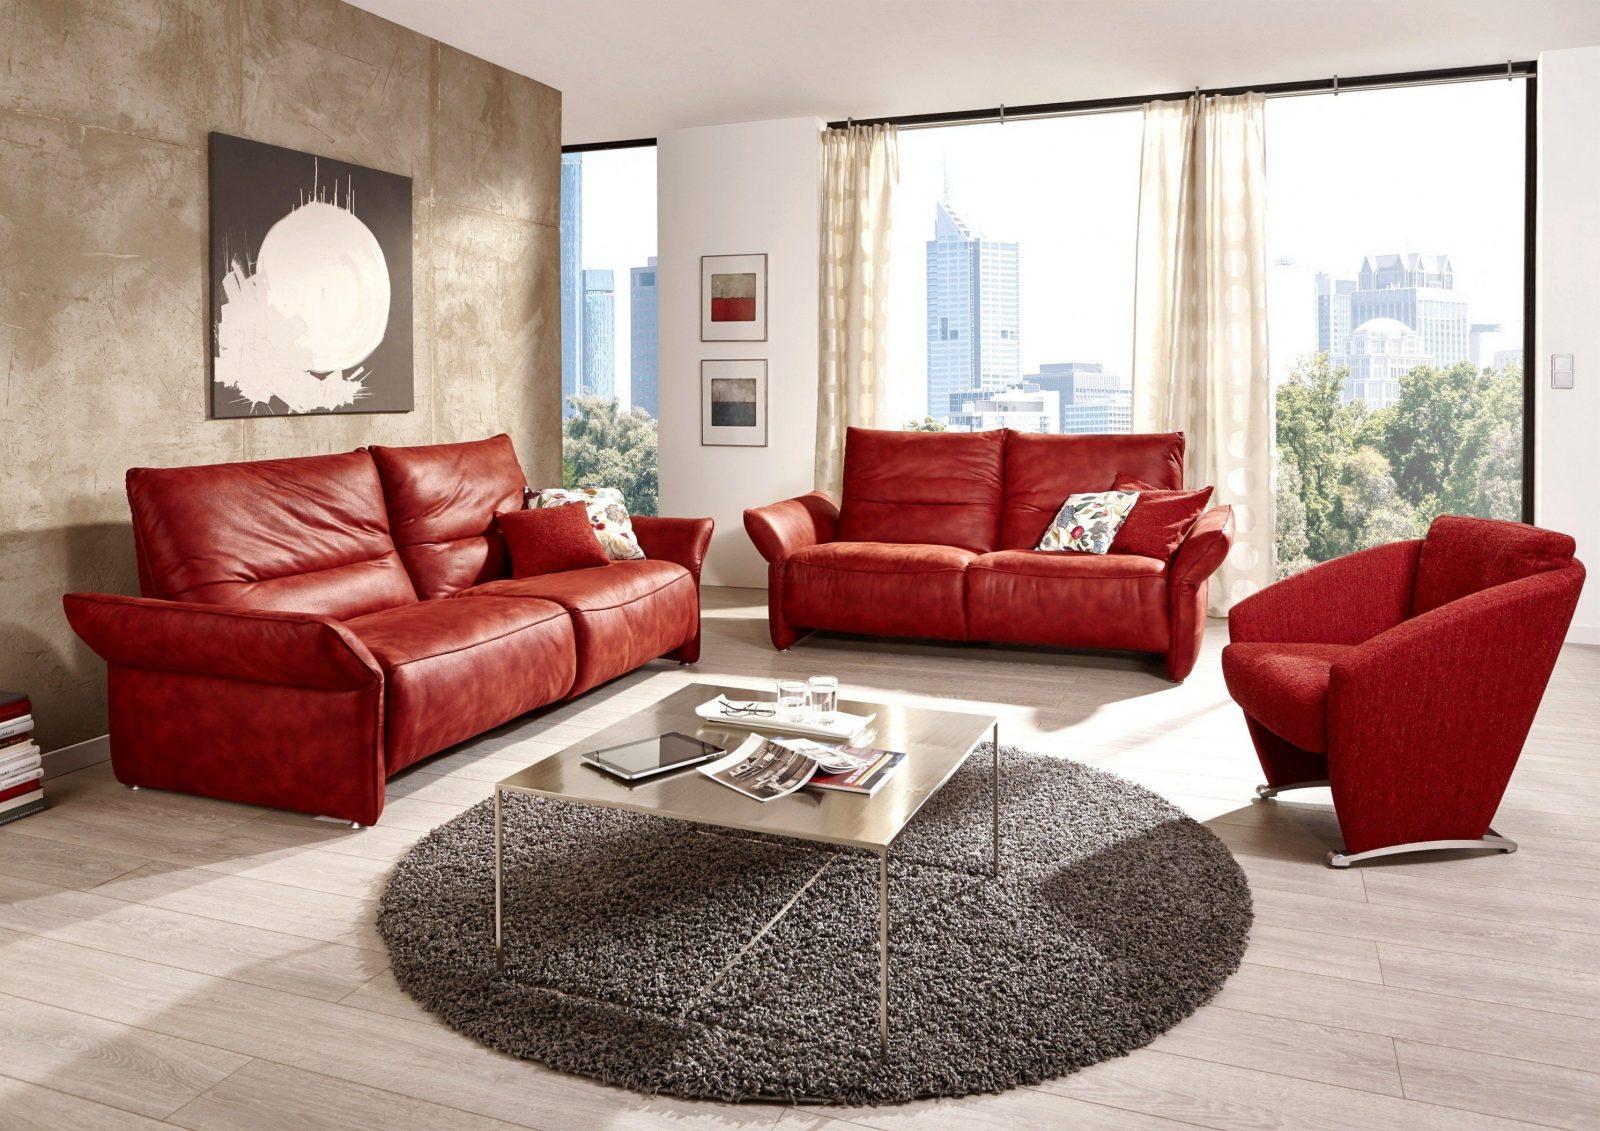 Anthrazit Couch Wohnzimmer Farbe Inspirierend Großartig Rote Sofas von Rote Couch Welche Wandfarbe Bild